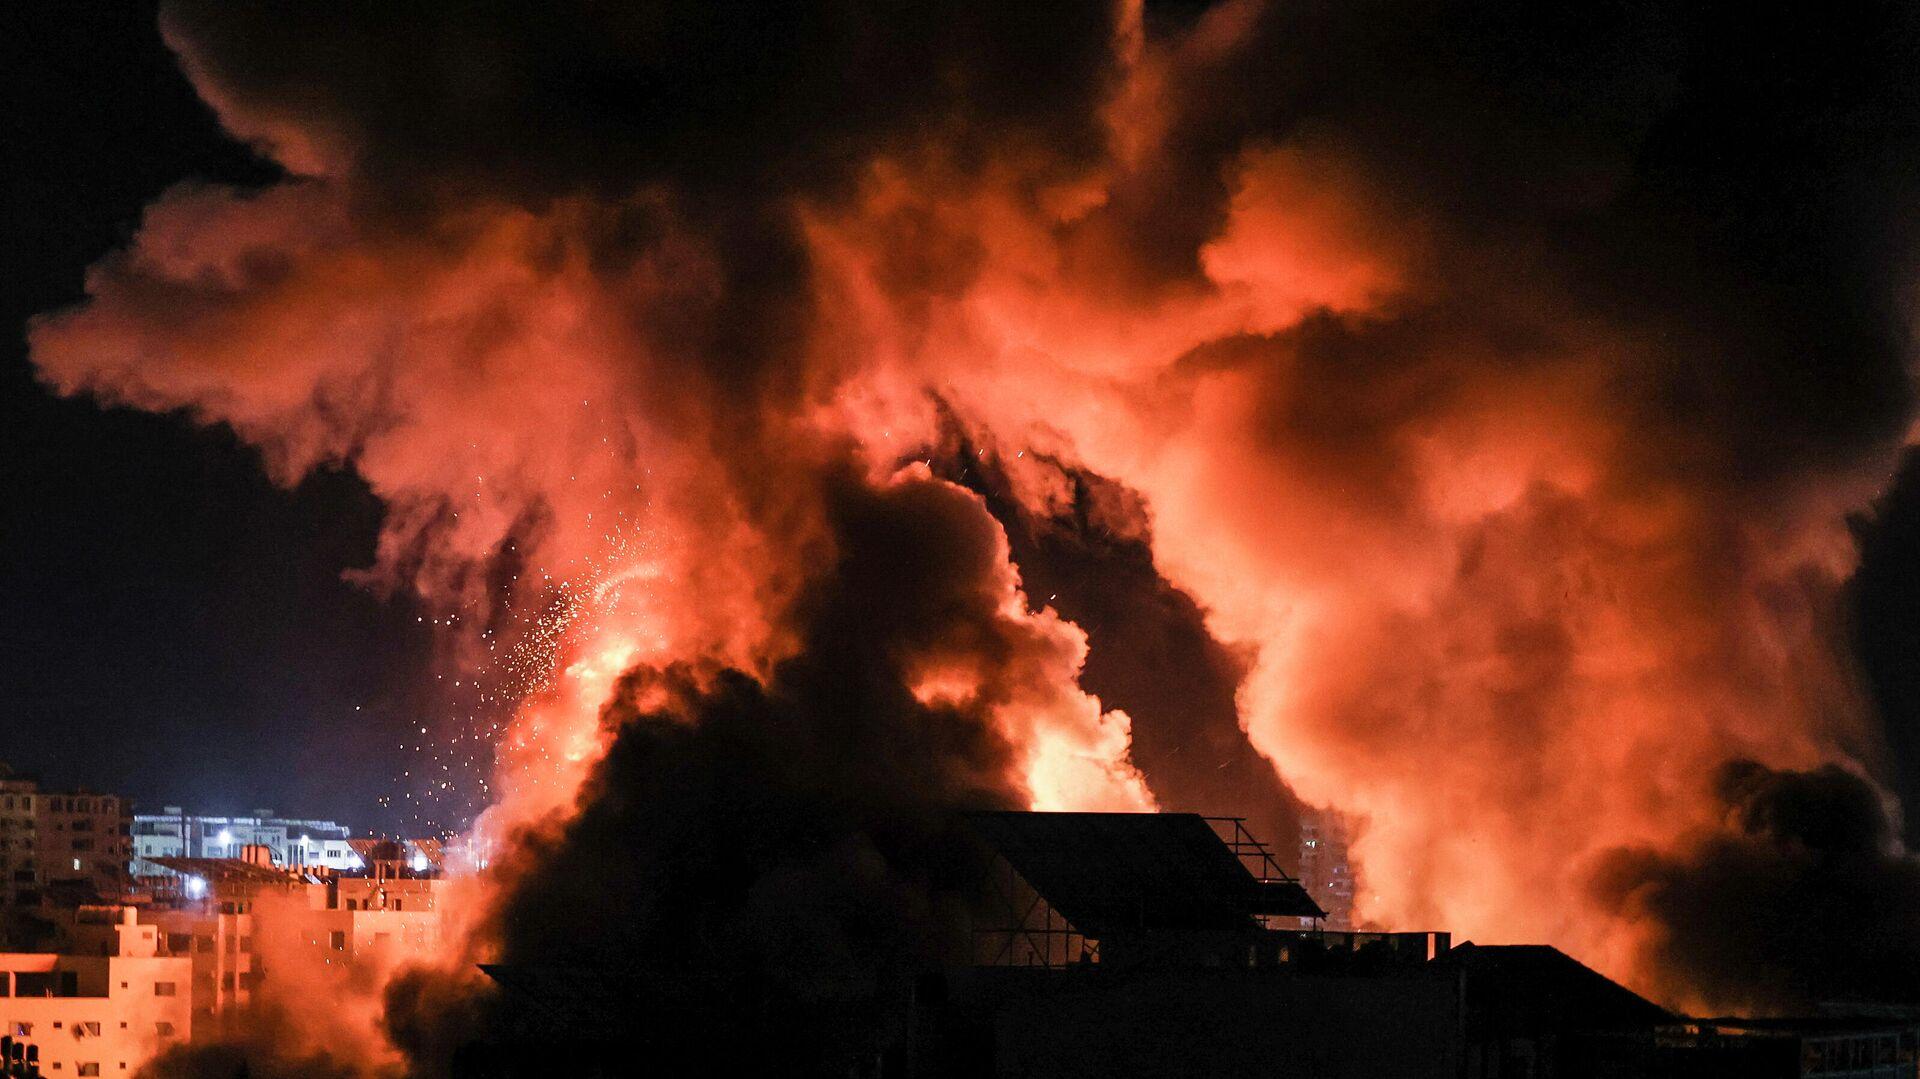 Взрывы в ночном небе над городом газа Газа, после израильского авиаудара - РИА Новости, 1920, 12.09.2021